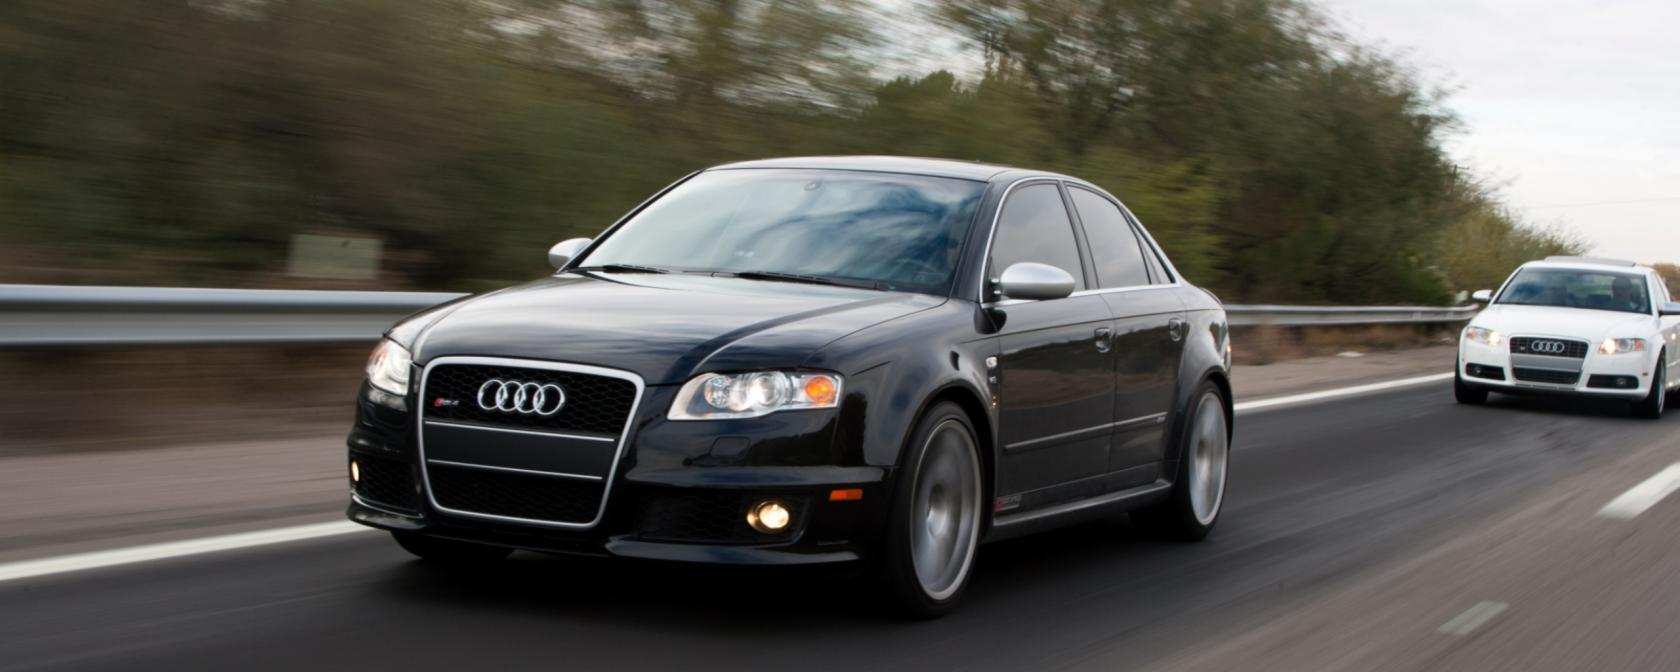 Audi-RS4-B7-4